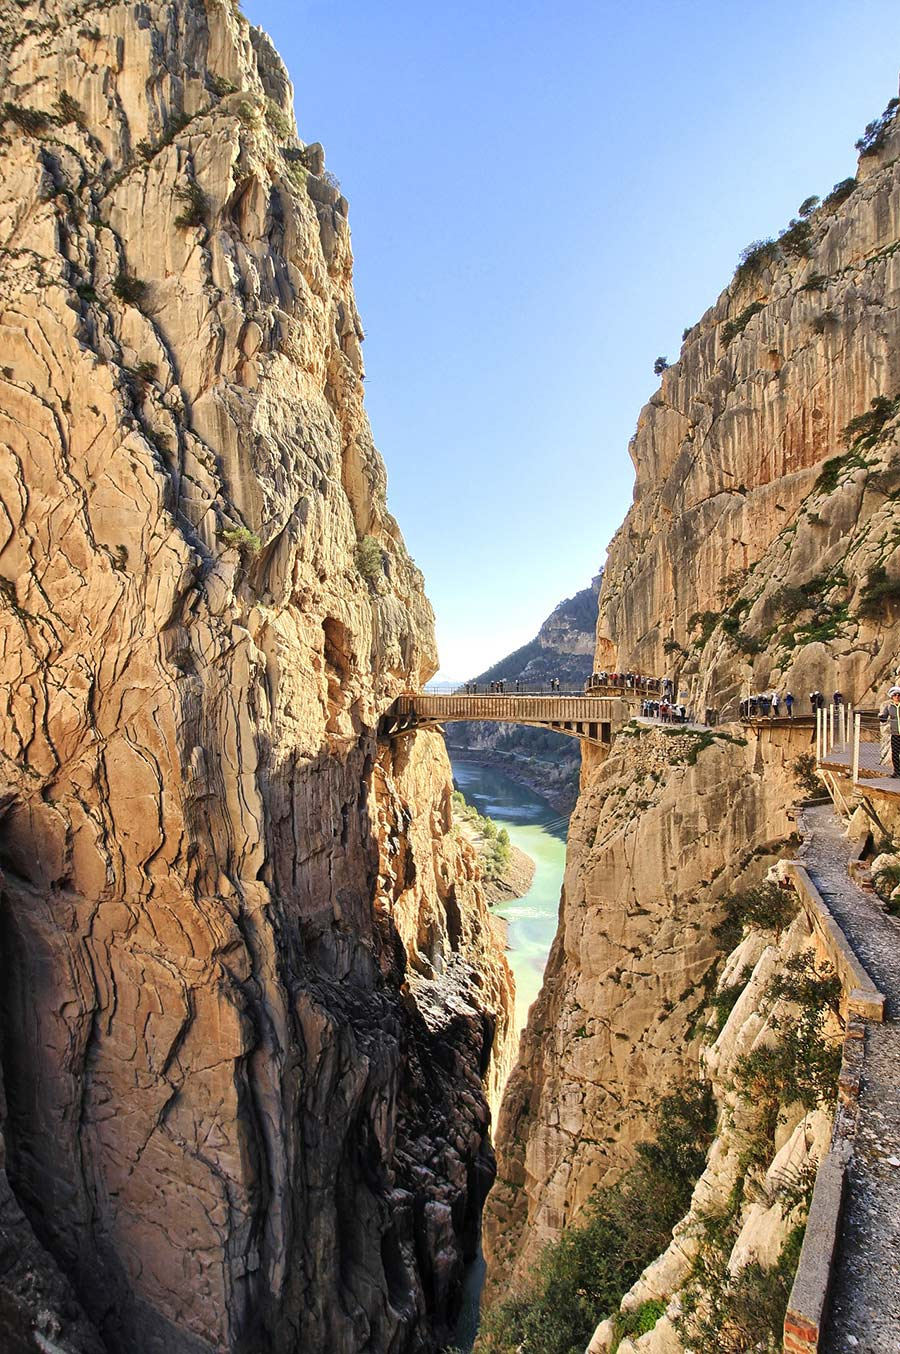 caminito del rey - Rock Climbing in Andalusia